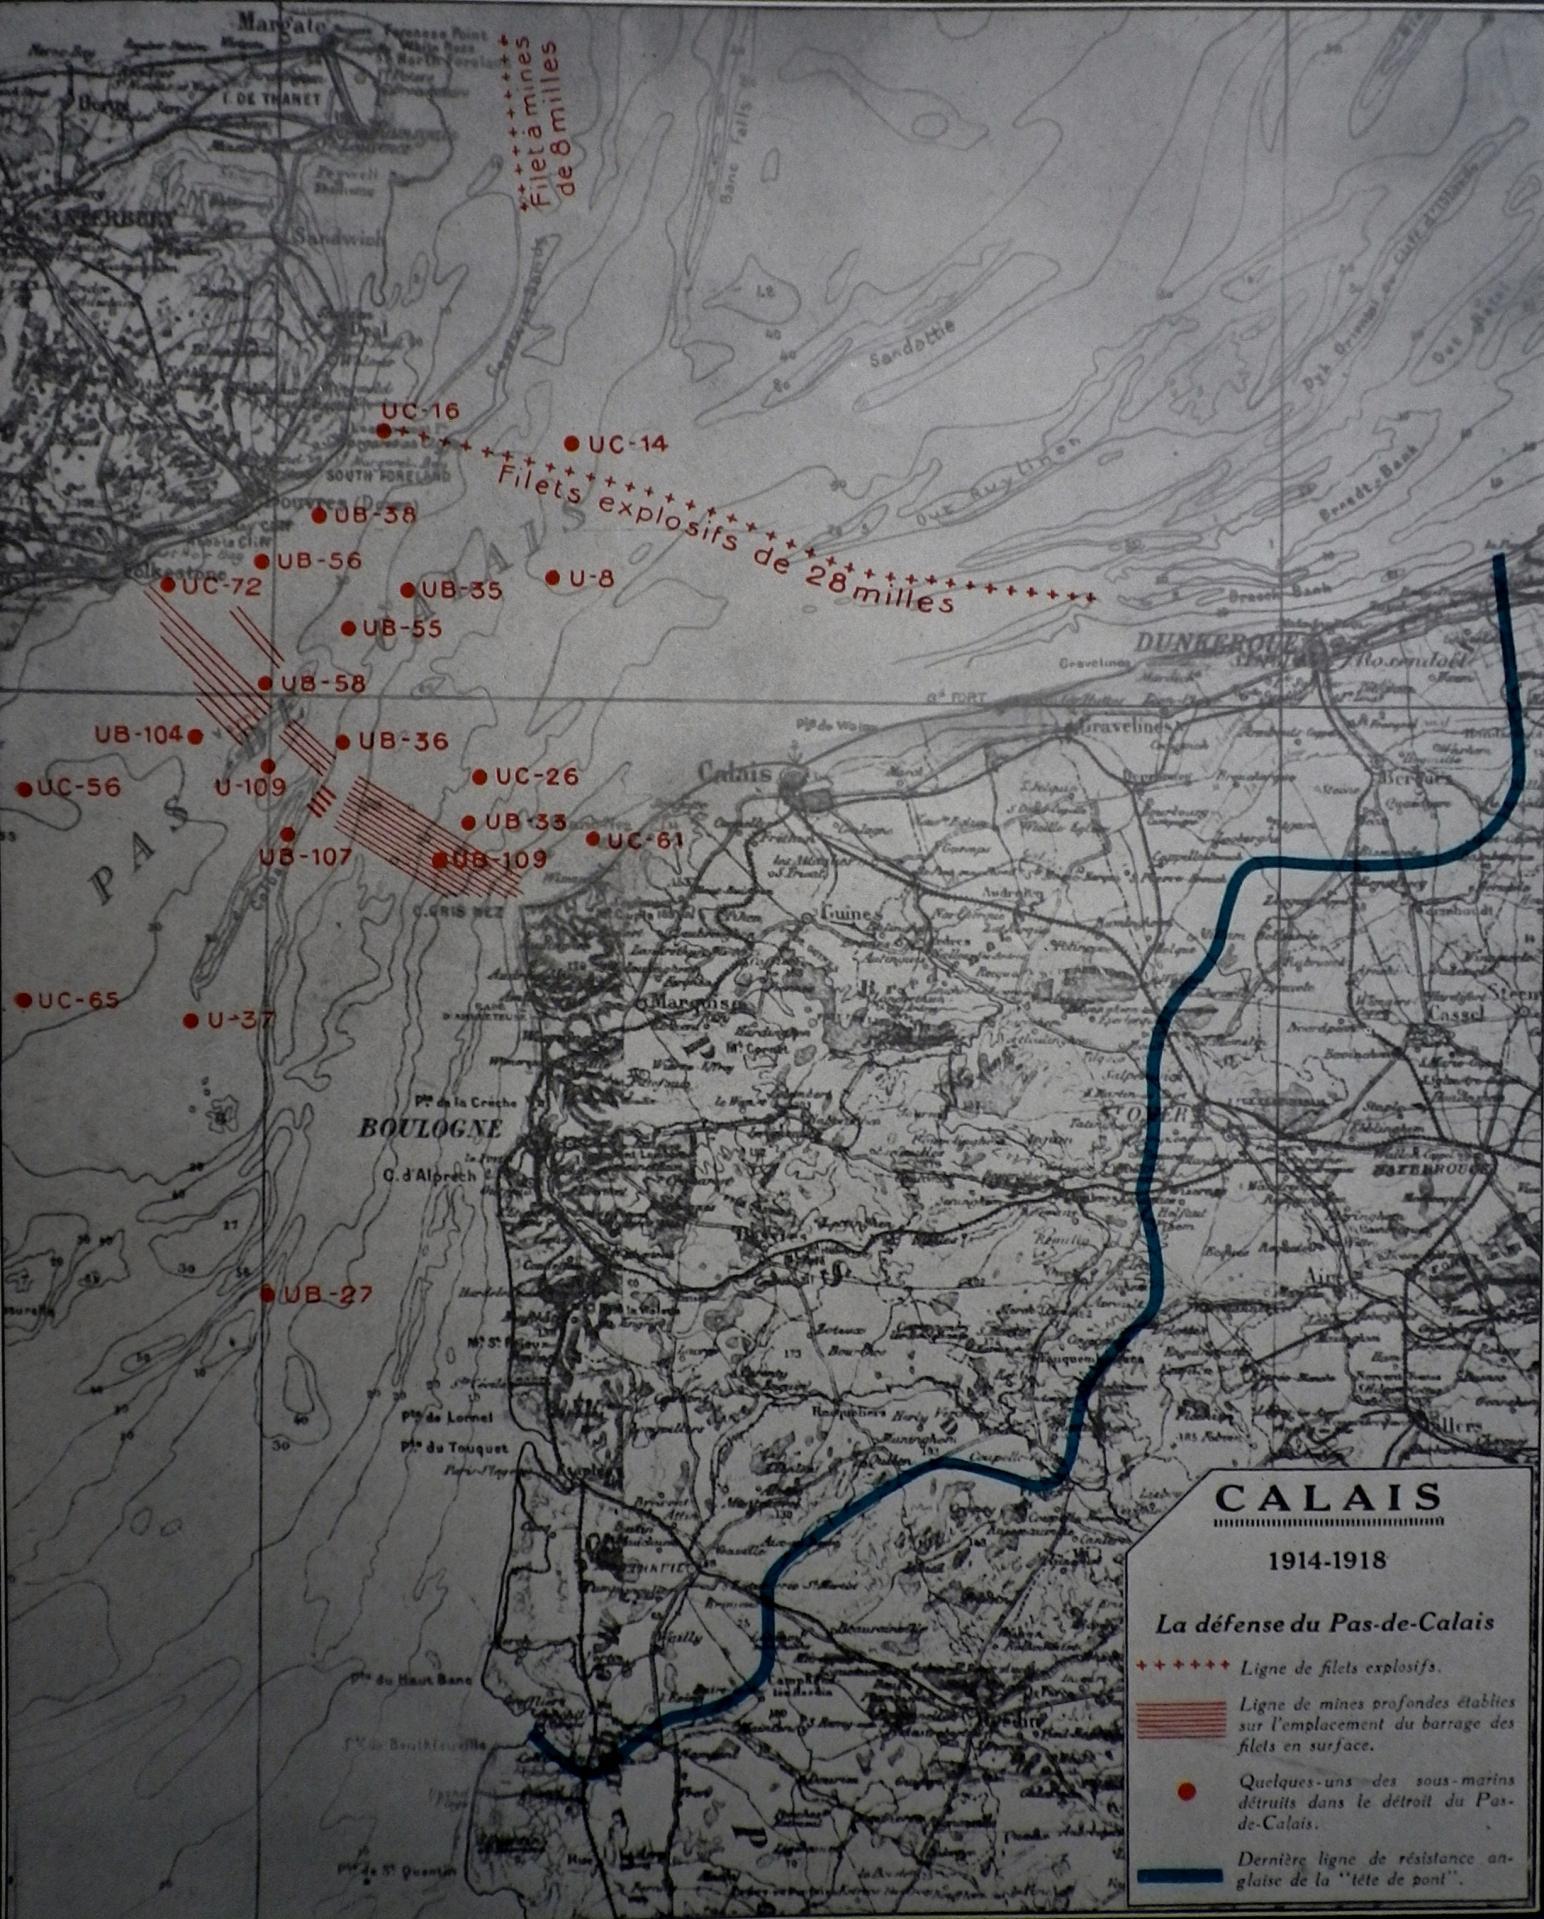 Calais 14 18 la defense du pas de calais